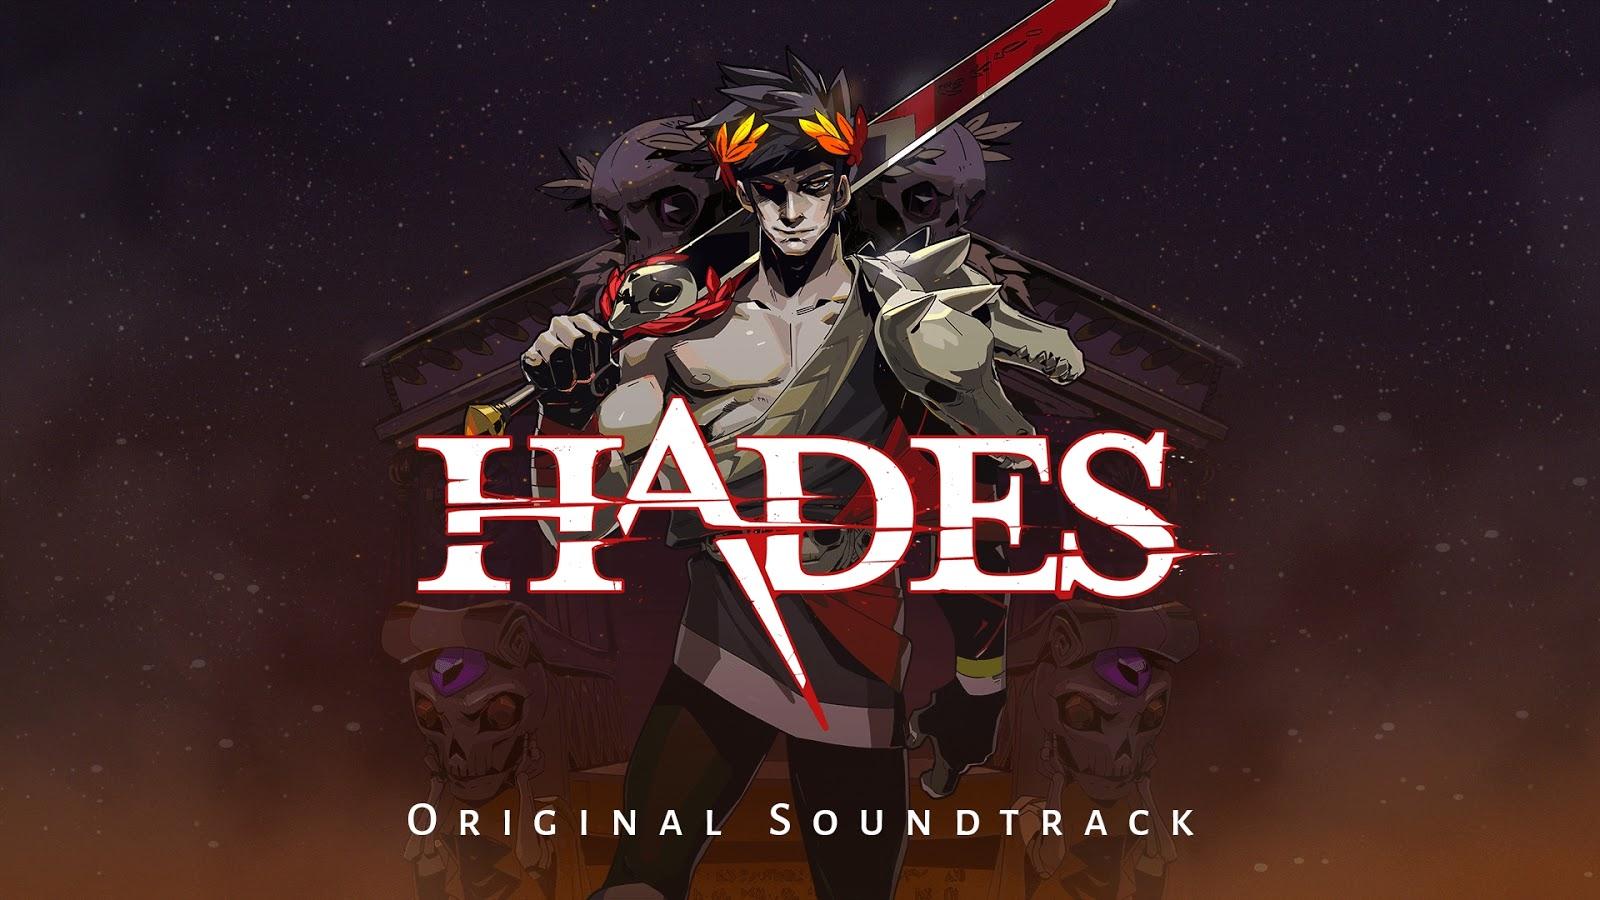 Liste de chansons de Hades Soundtrack